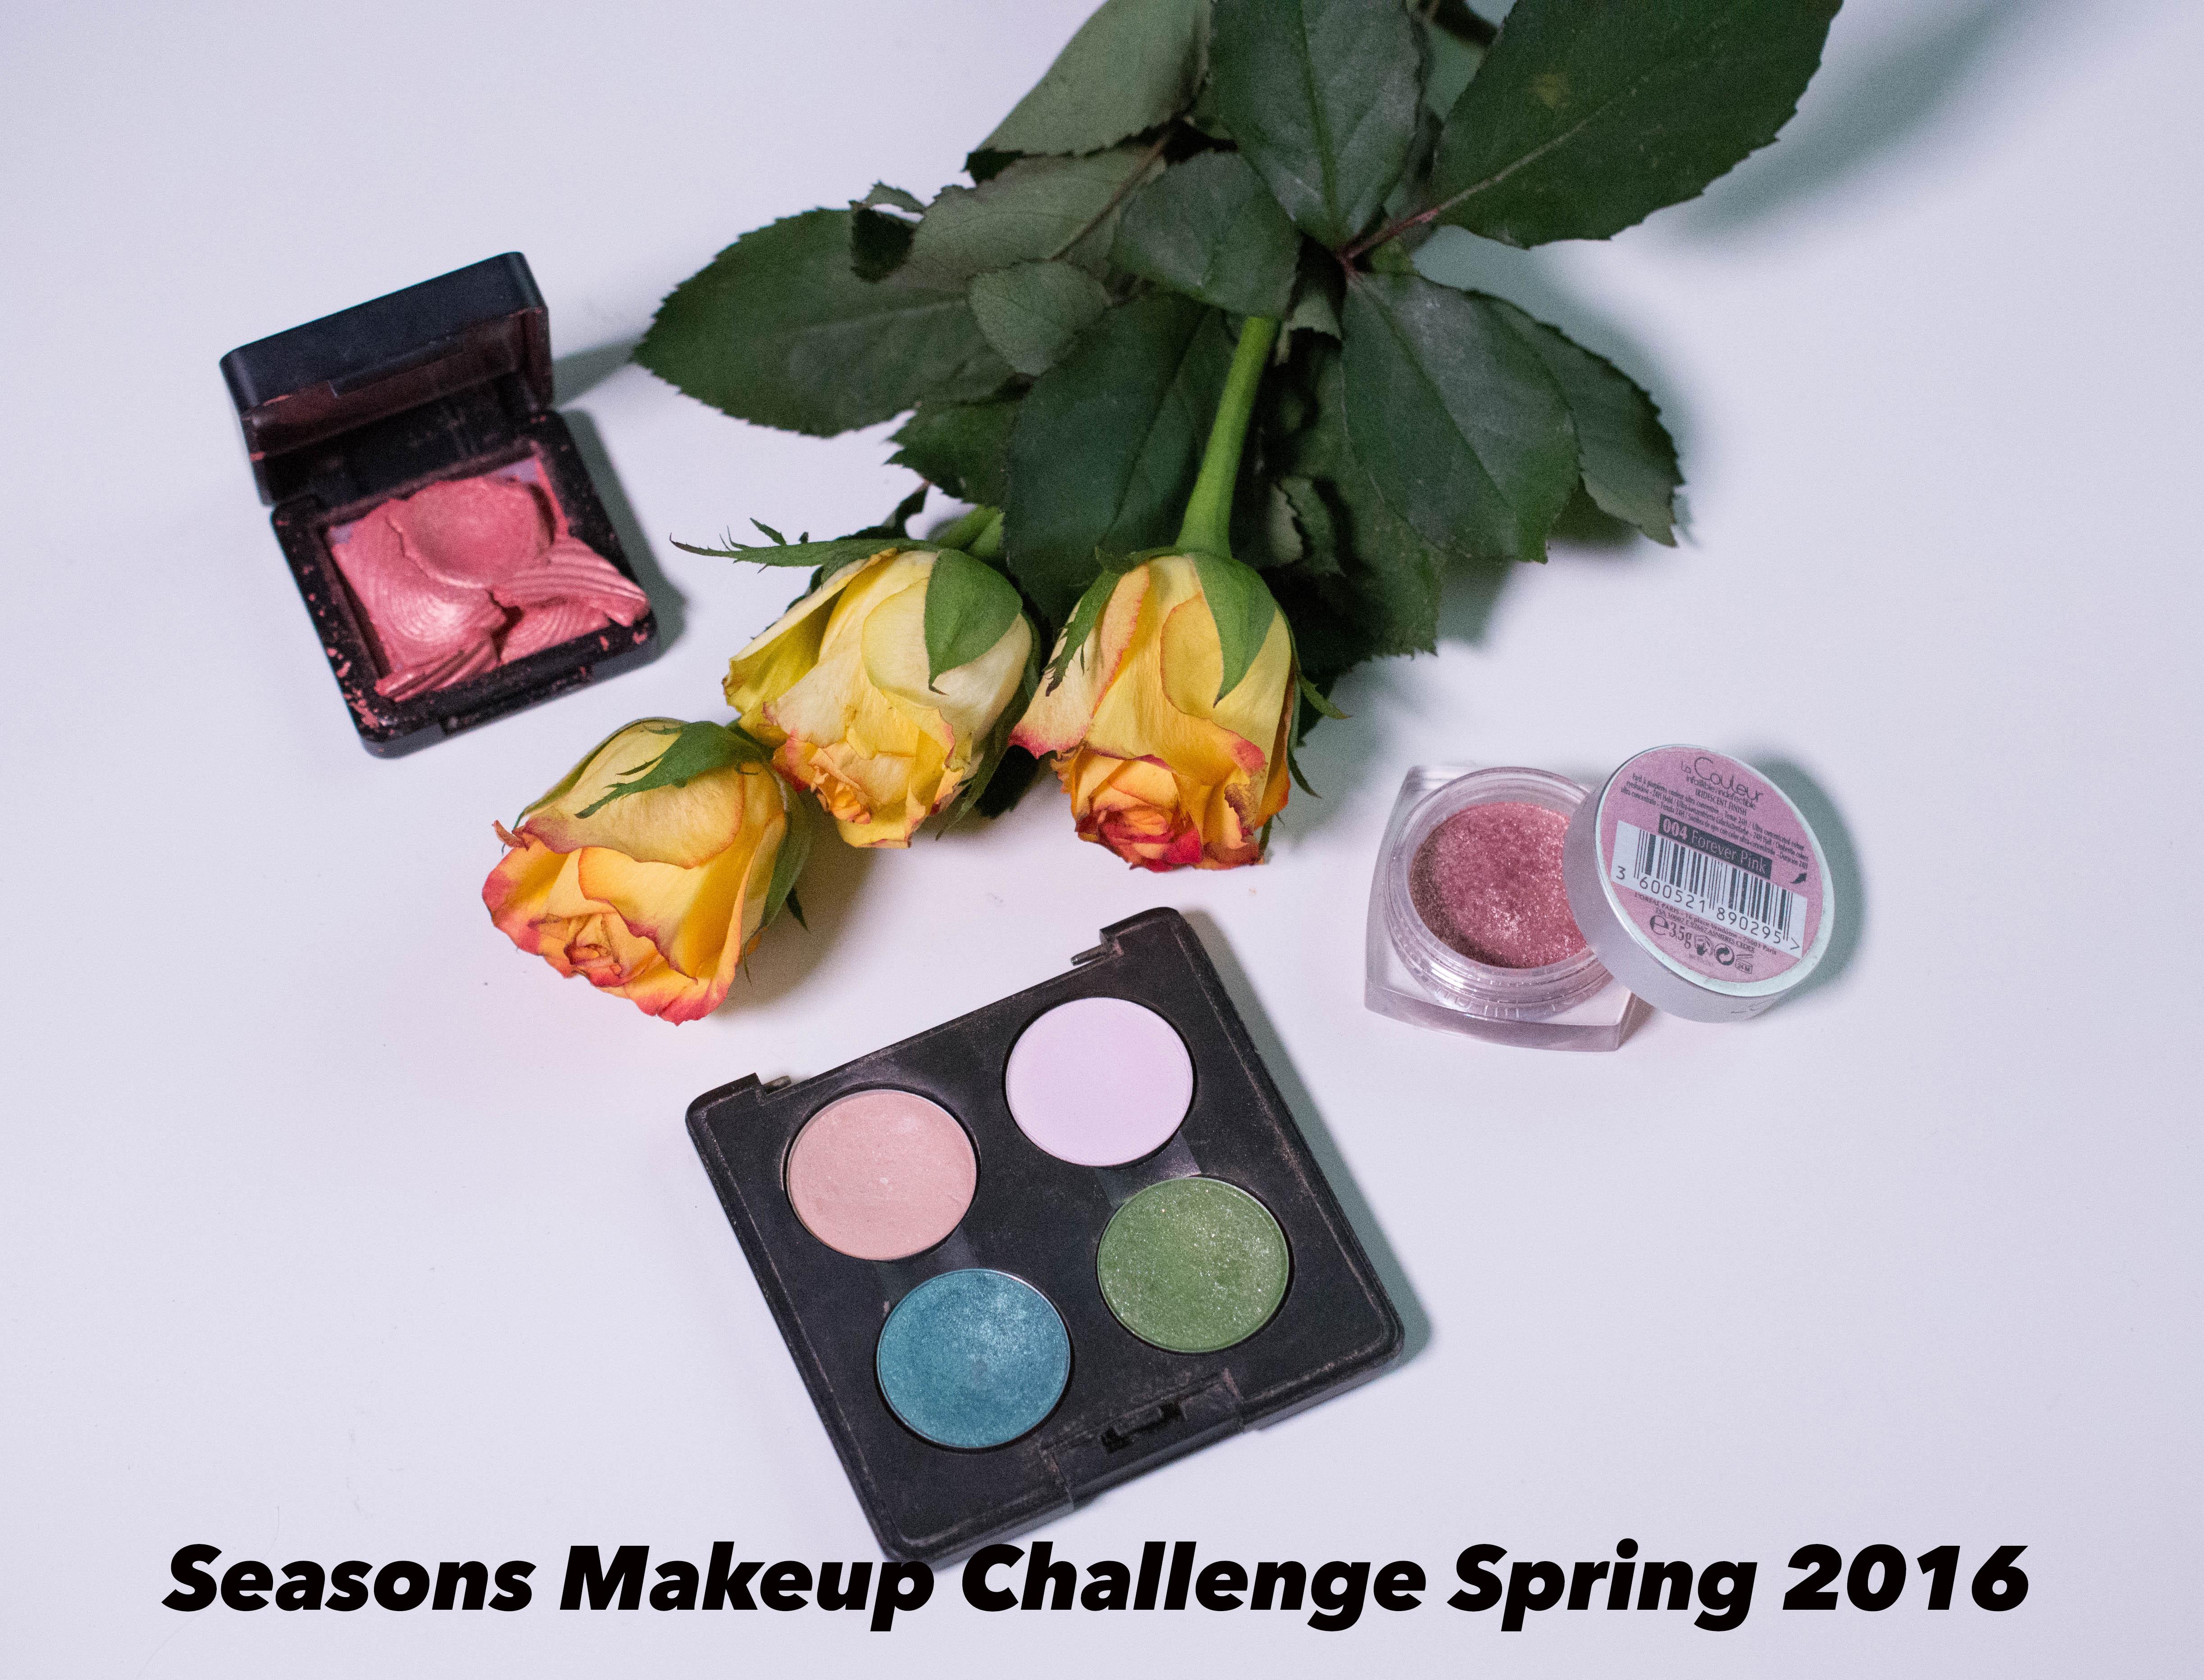 Seasons makup challenge spring 2016 (1 von 4)